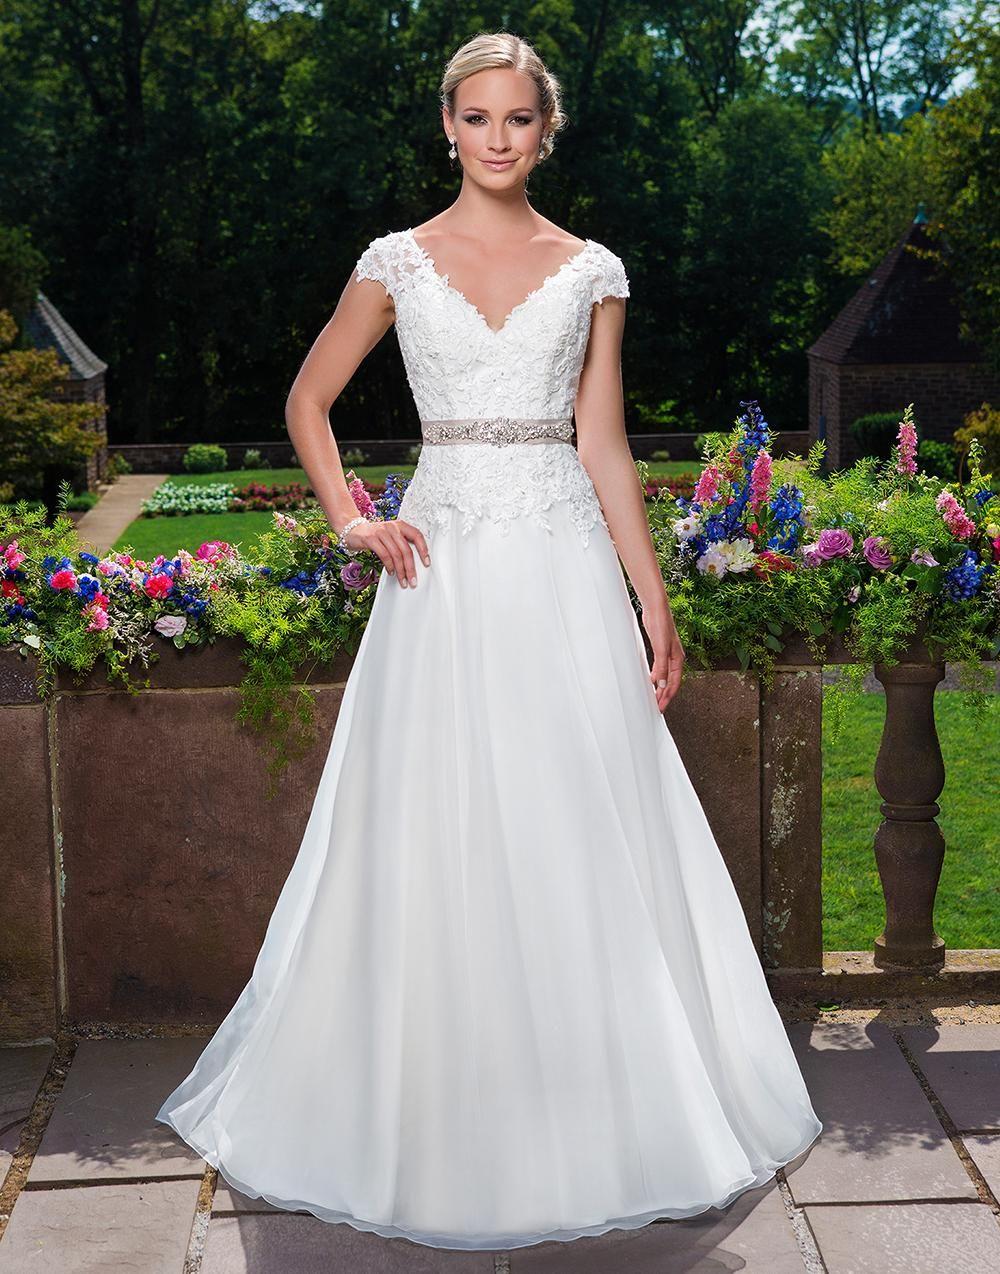 Sincerity Brautkleid 2016 Seite 7 Sincerity Brautmode Online Kaufen Brautmode Kleid Hochzeit Braut